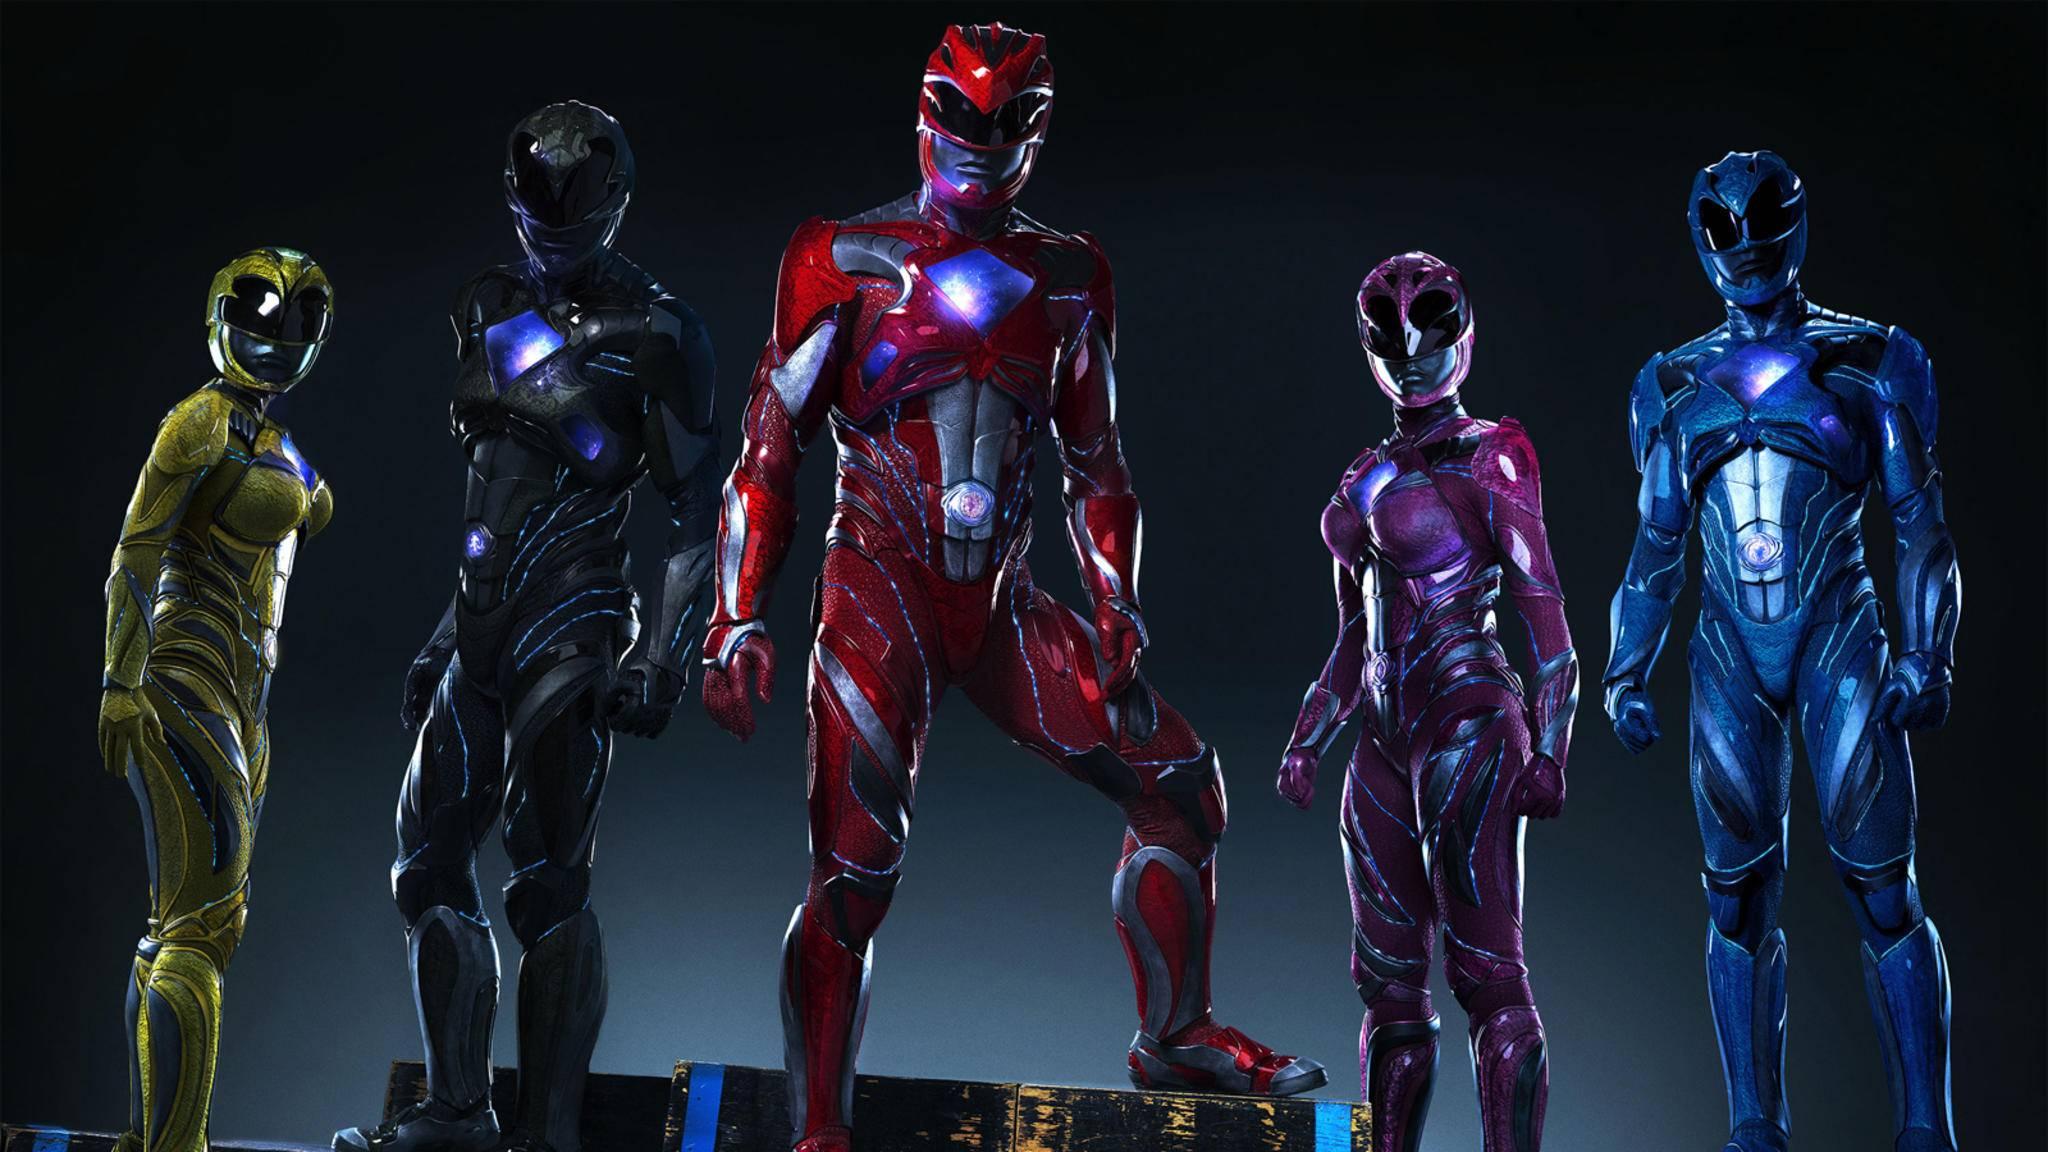 """Die """"Power Rangers"""" sind zurück: Gewohnt bunt, gewohnt mächtig!"""